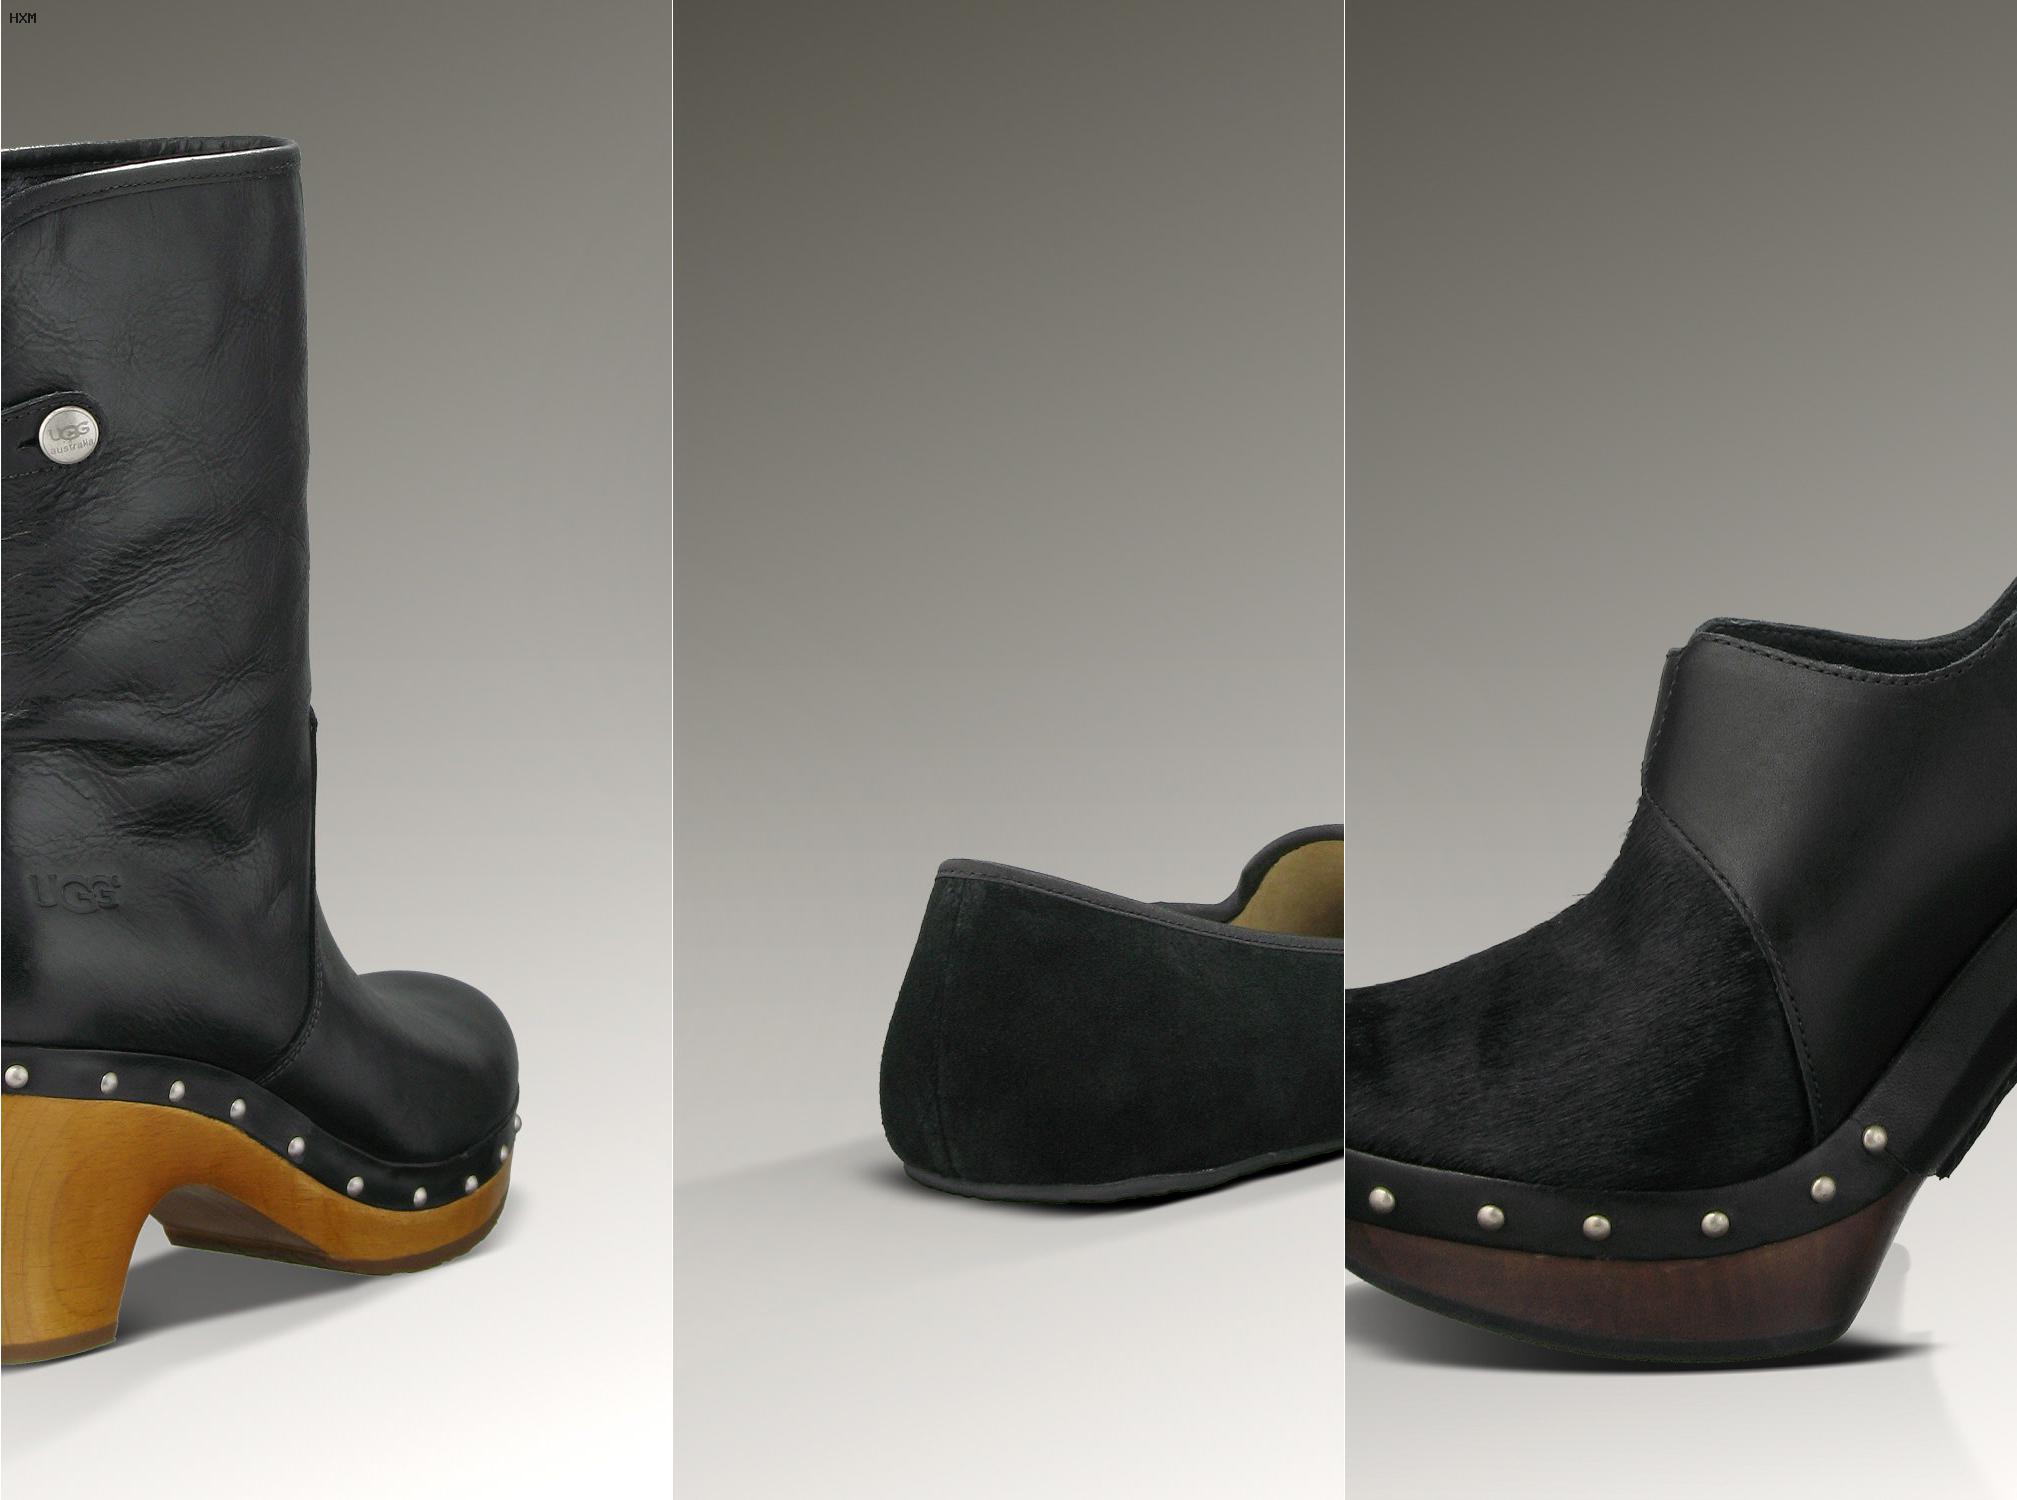 cuanto cuestan unas botas ugg